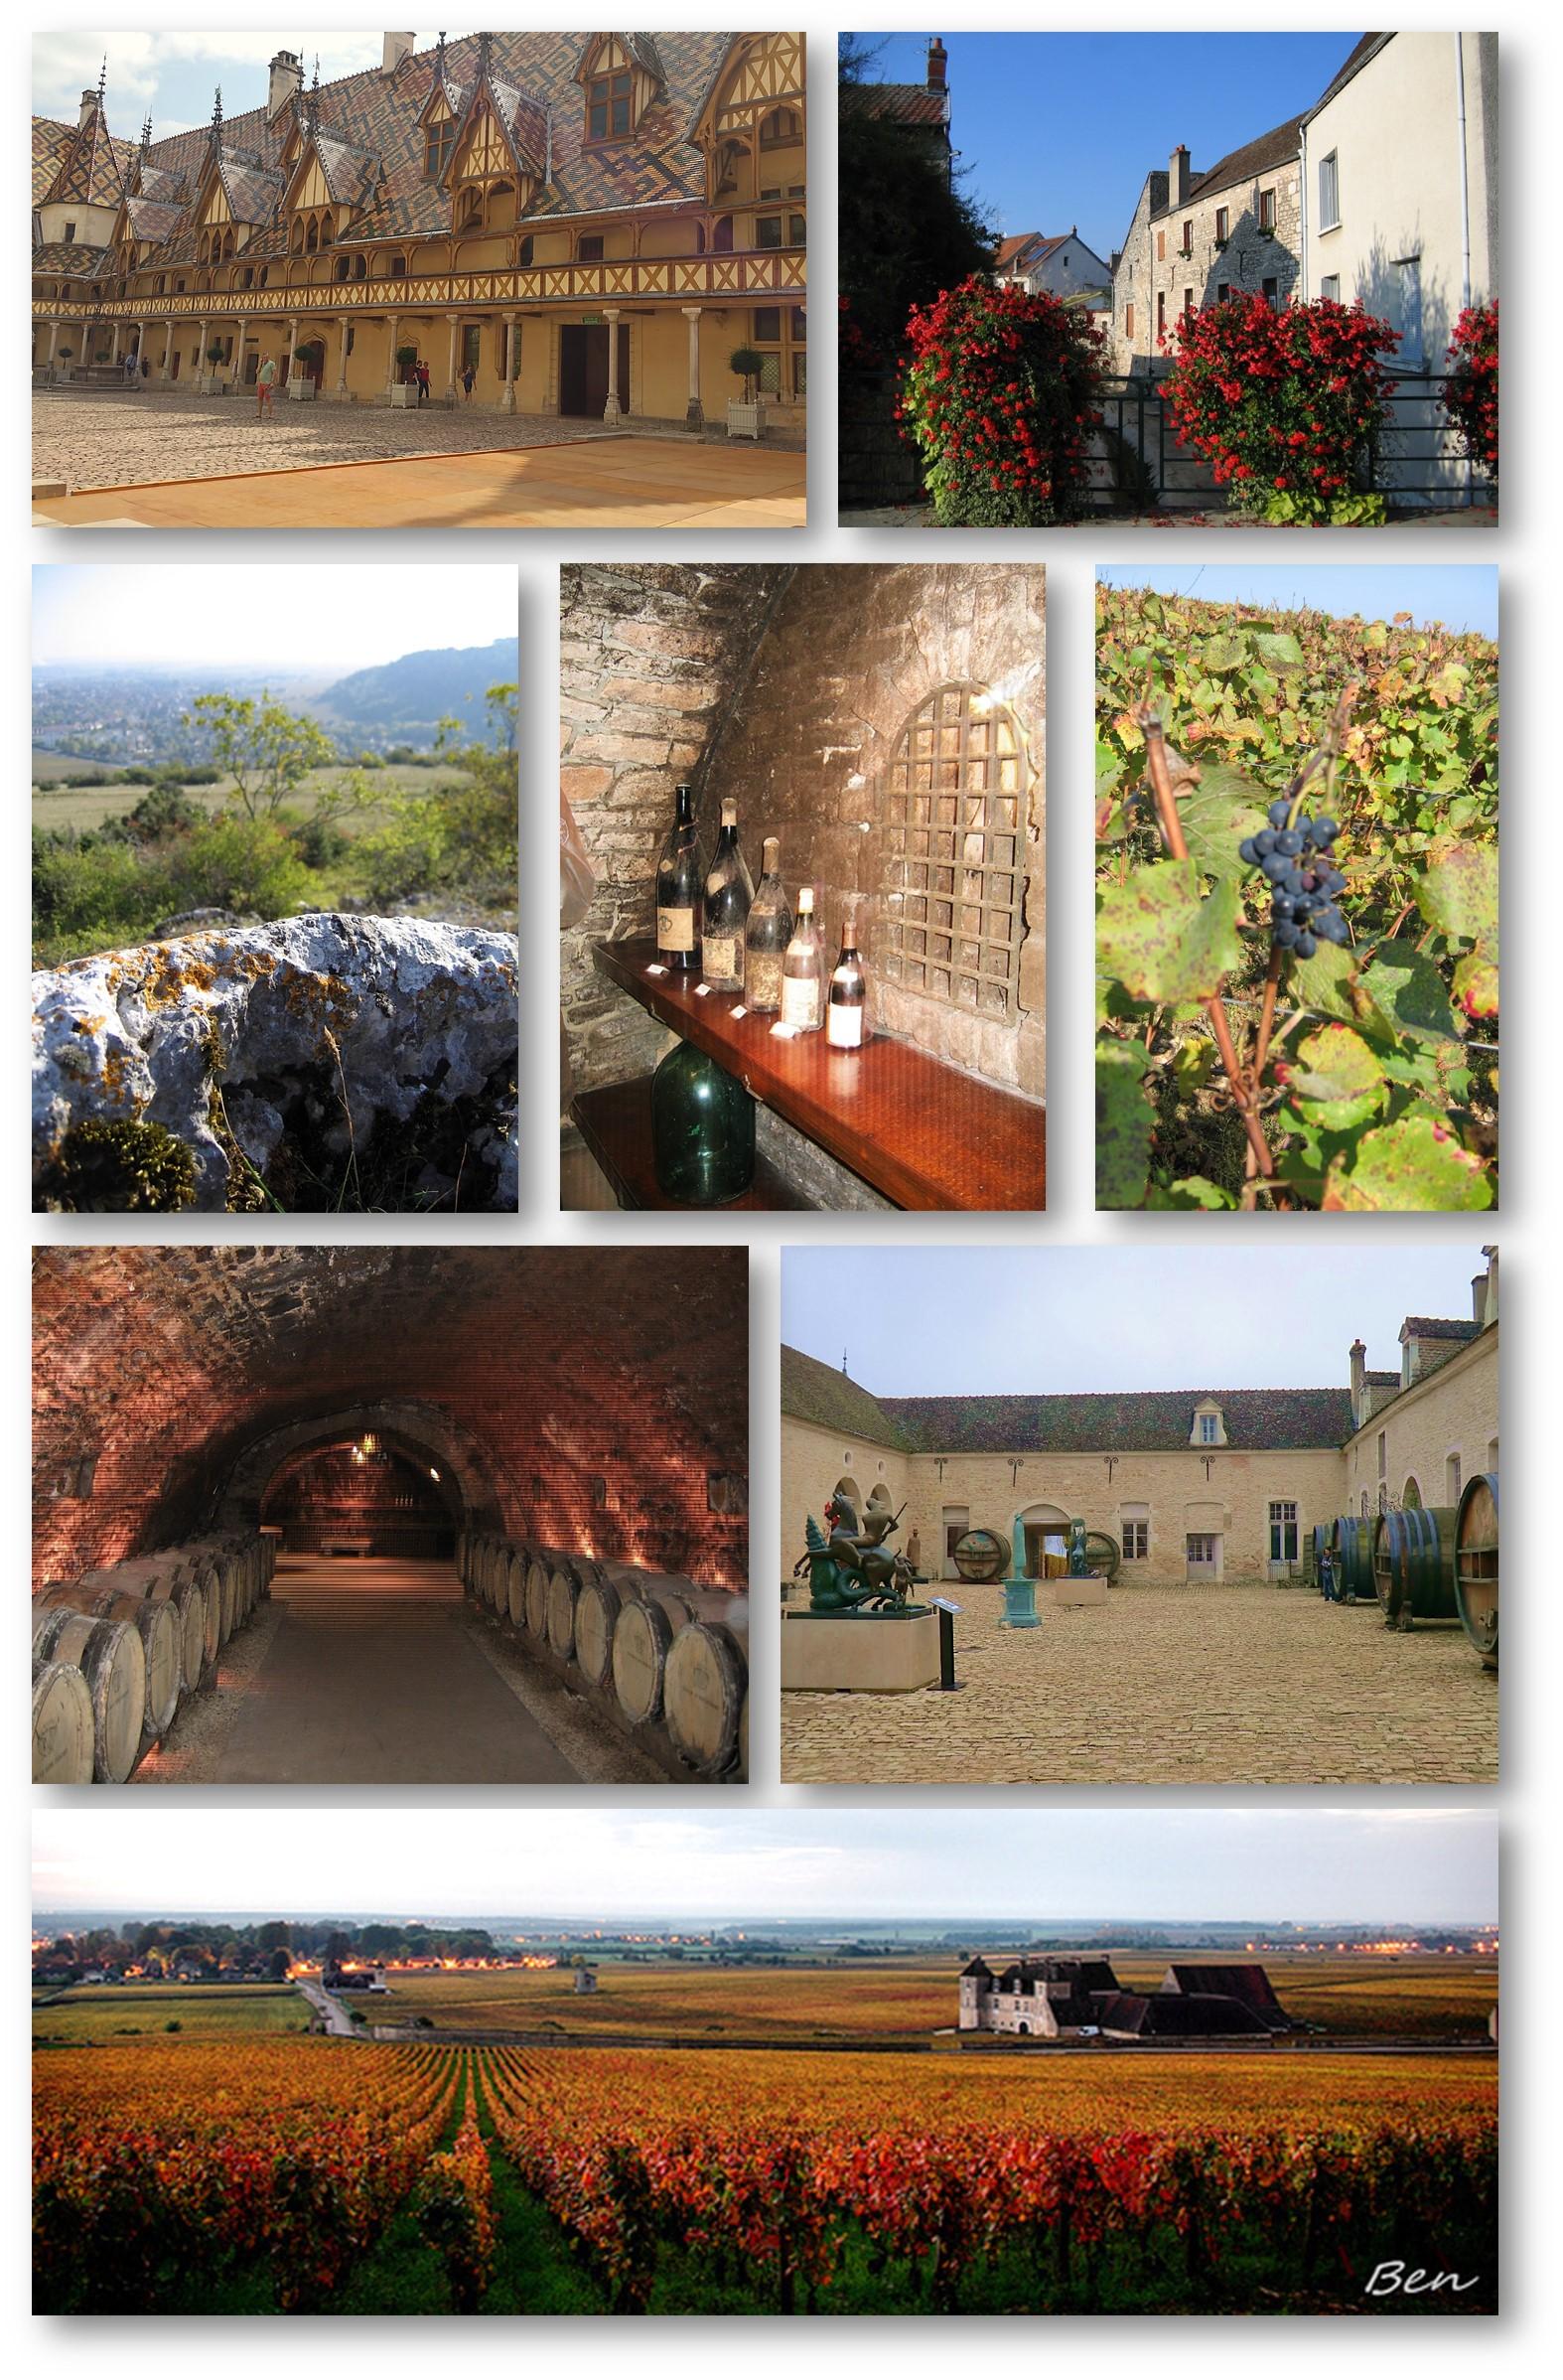 Clos d'automne : Vue sur le château du Clos-Vougeot au milieu de ses vignes (Lo'eil de Ben)